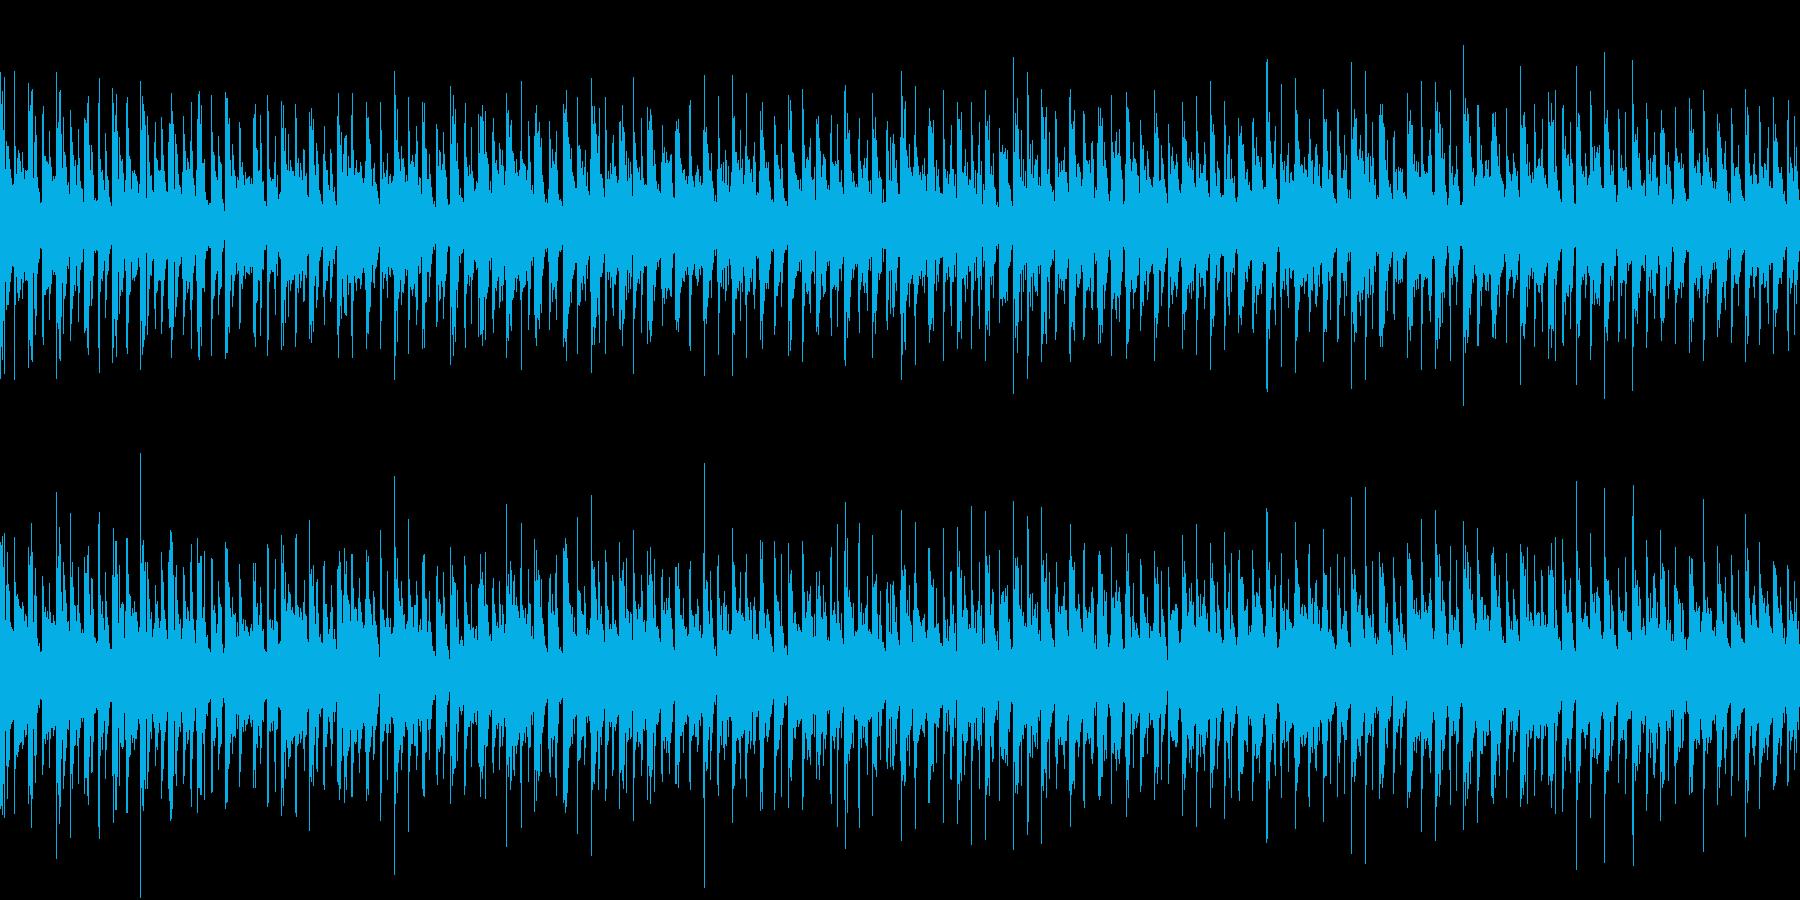 ダンジョン5 RPG ゲーム ループの再生済みの波形